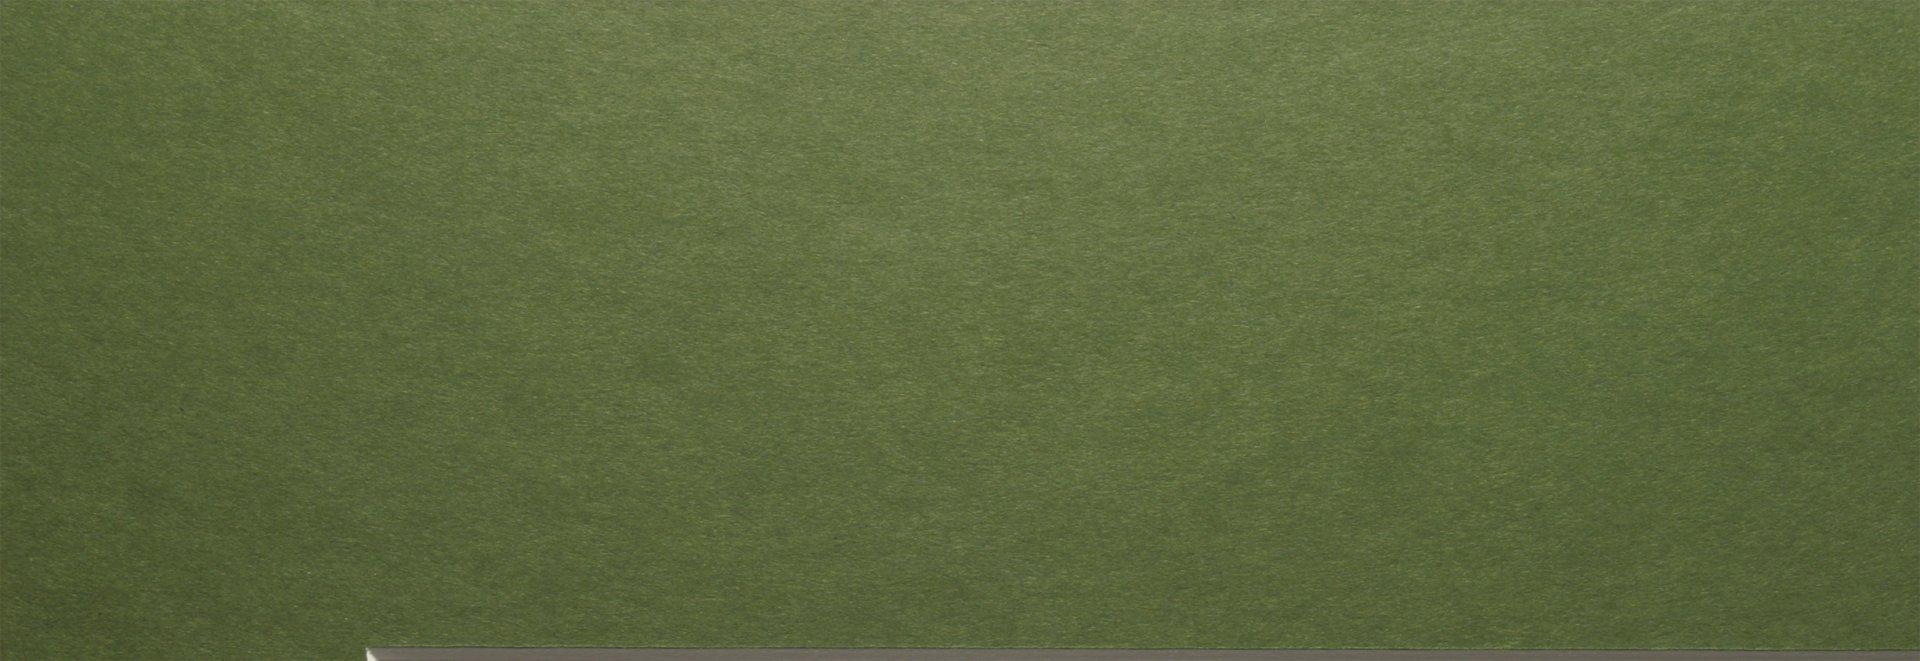 GSRM1045_G1045 Grass Green